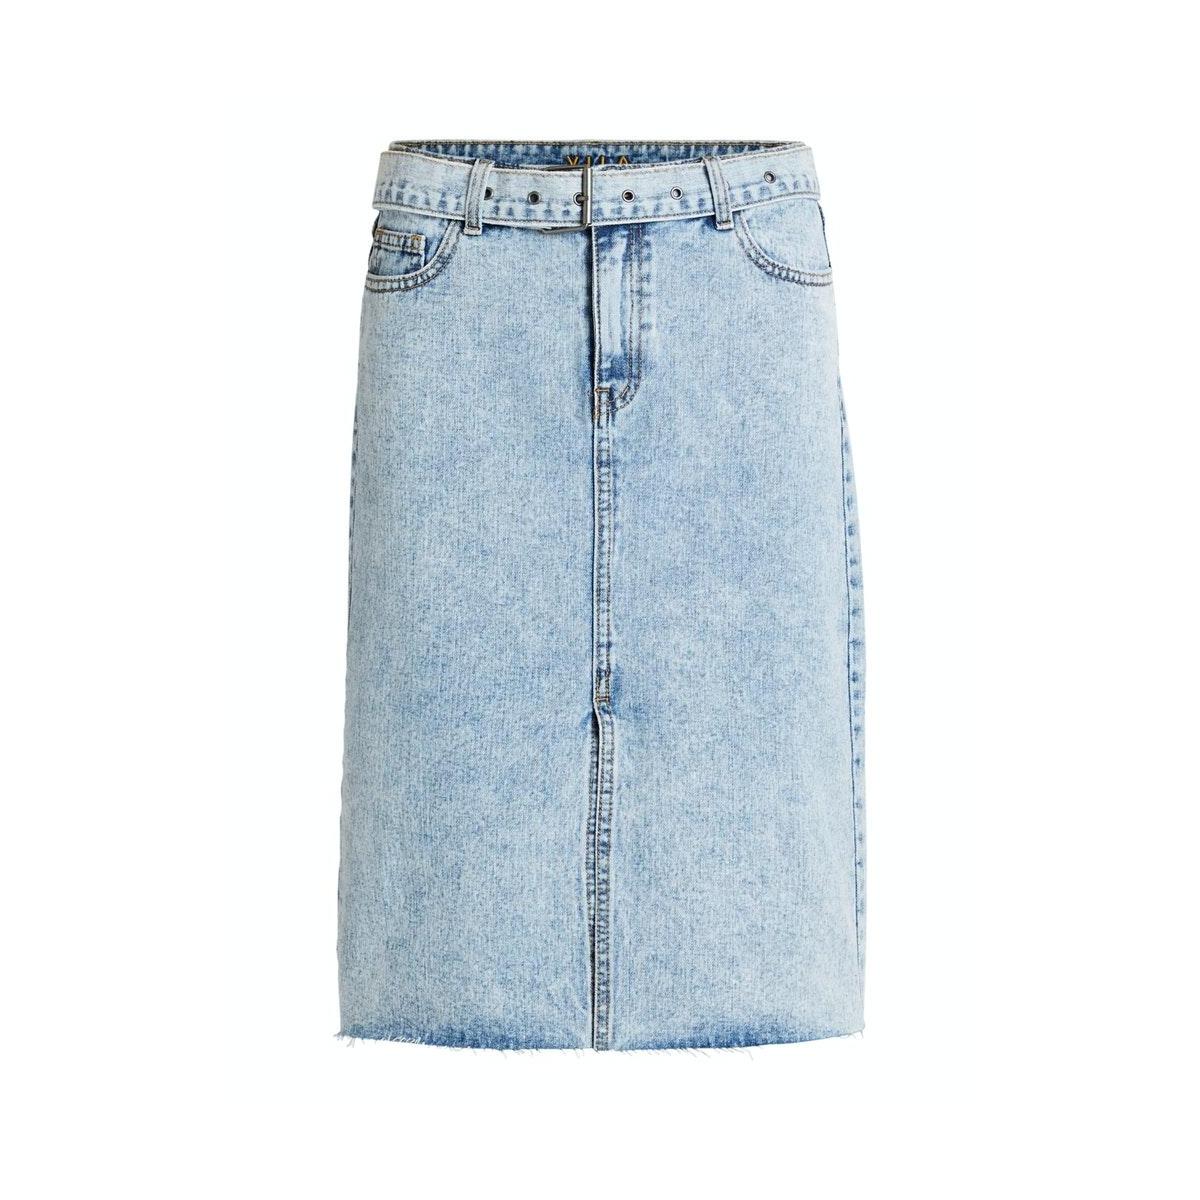 videnna hw denim skirt 14059527 vila rok light blue denim